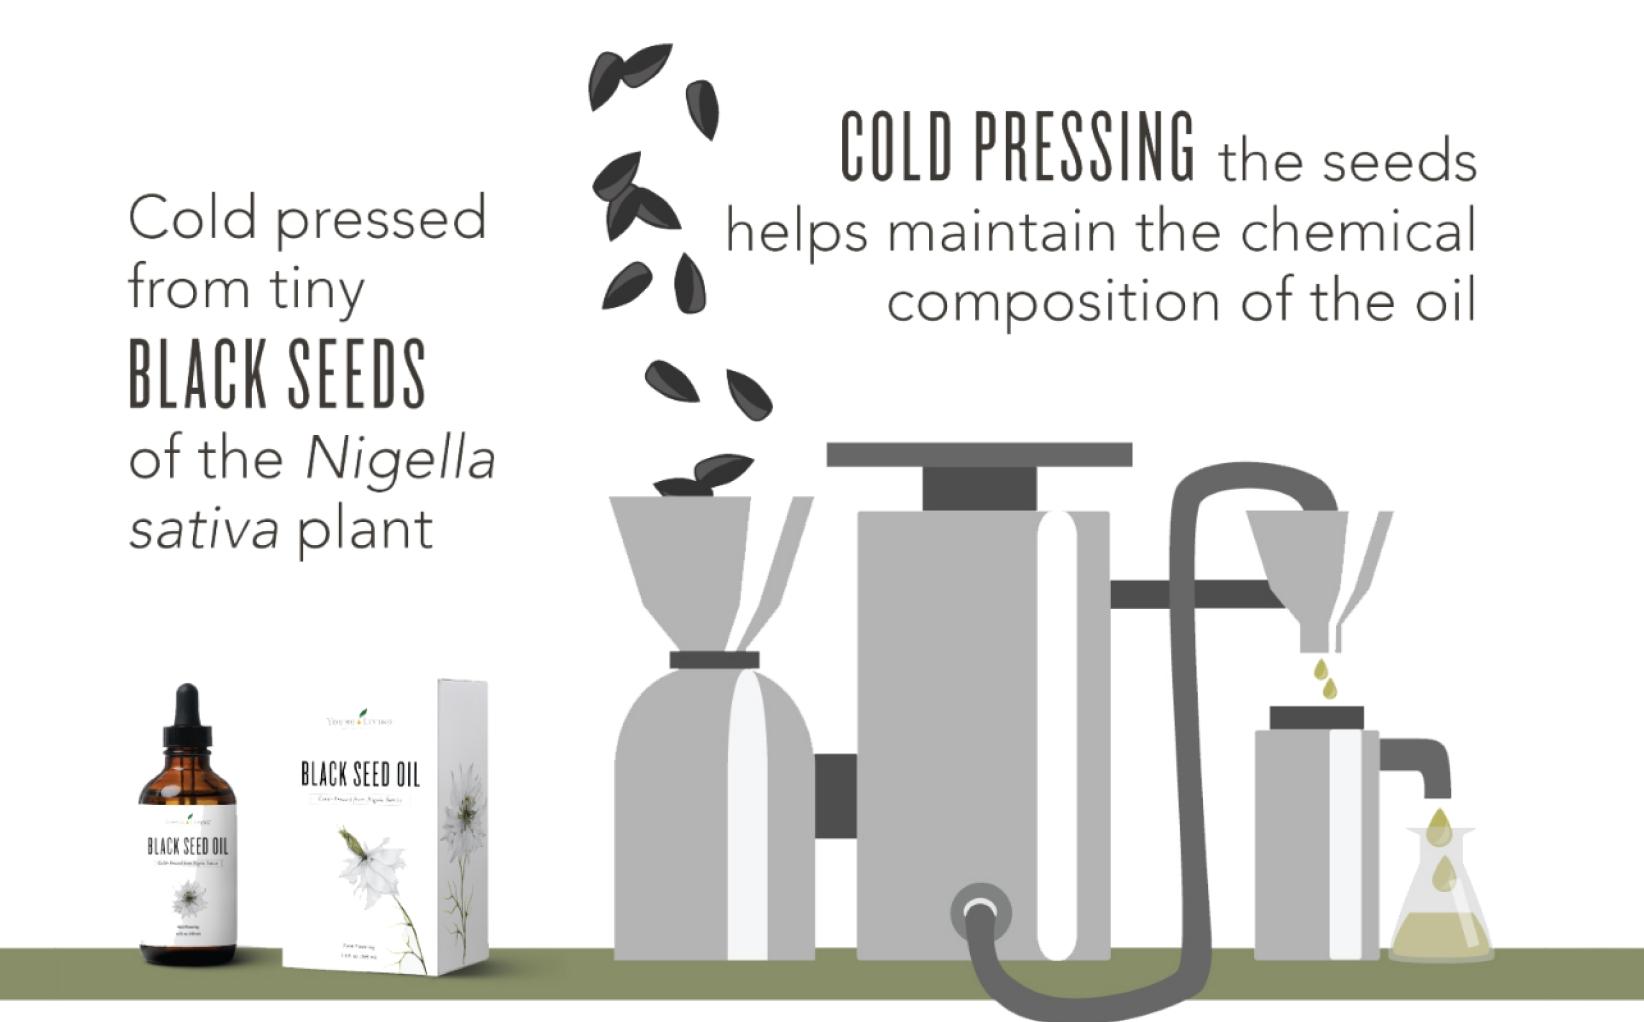 コールドプレス製法(低温圧搾法)